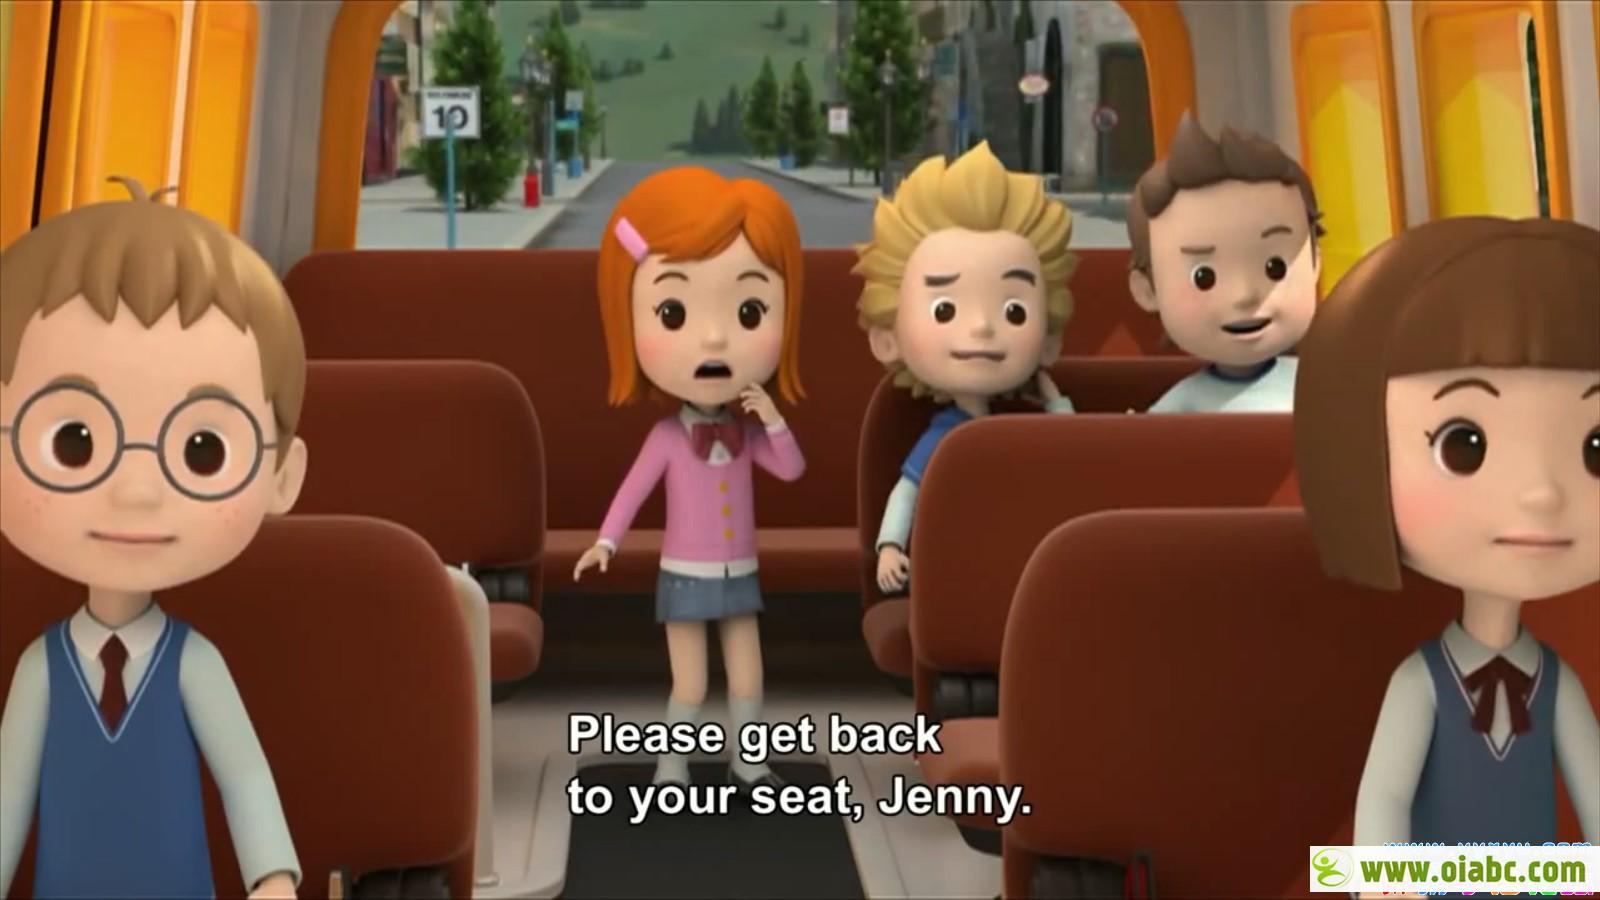 《变形警车珀利 交通安全篇》珀利儿童交通安全教育片 中英文版全52集 百度网盘下载